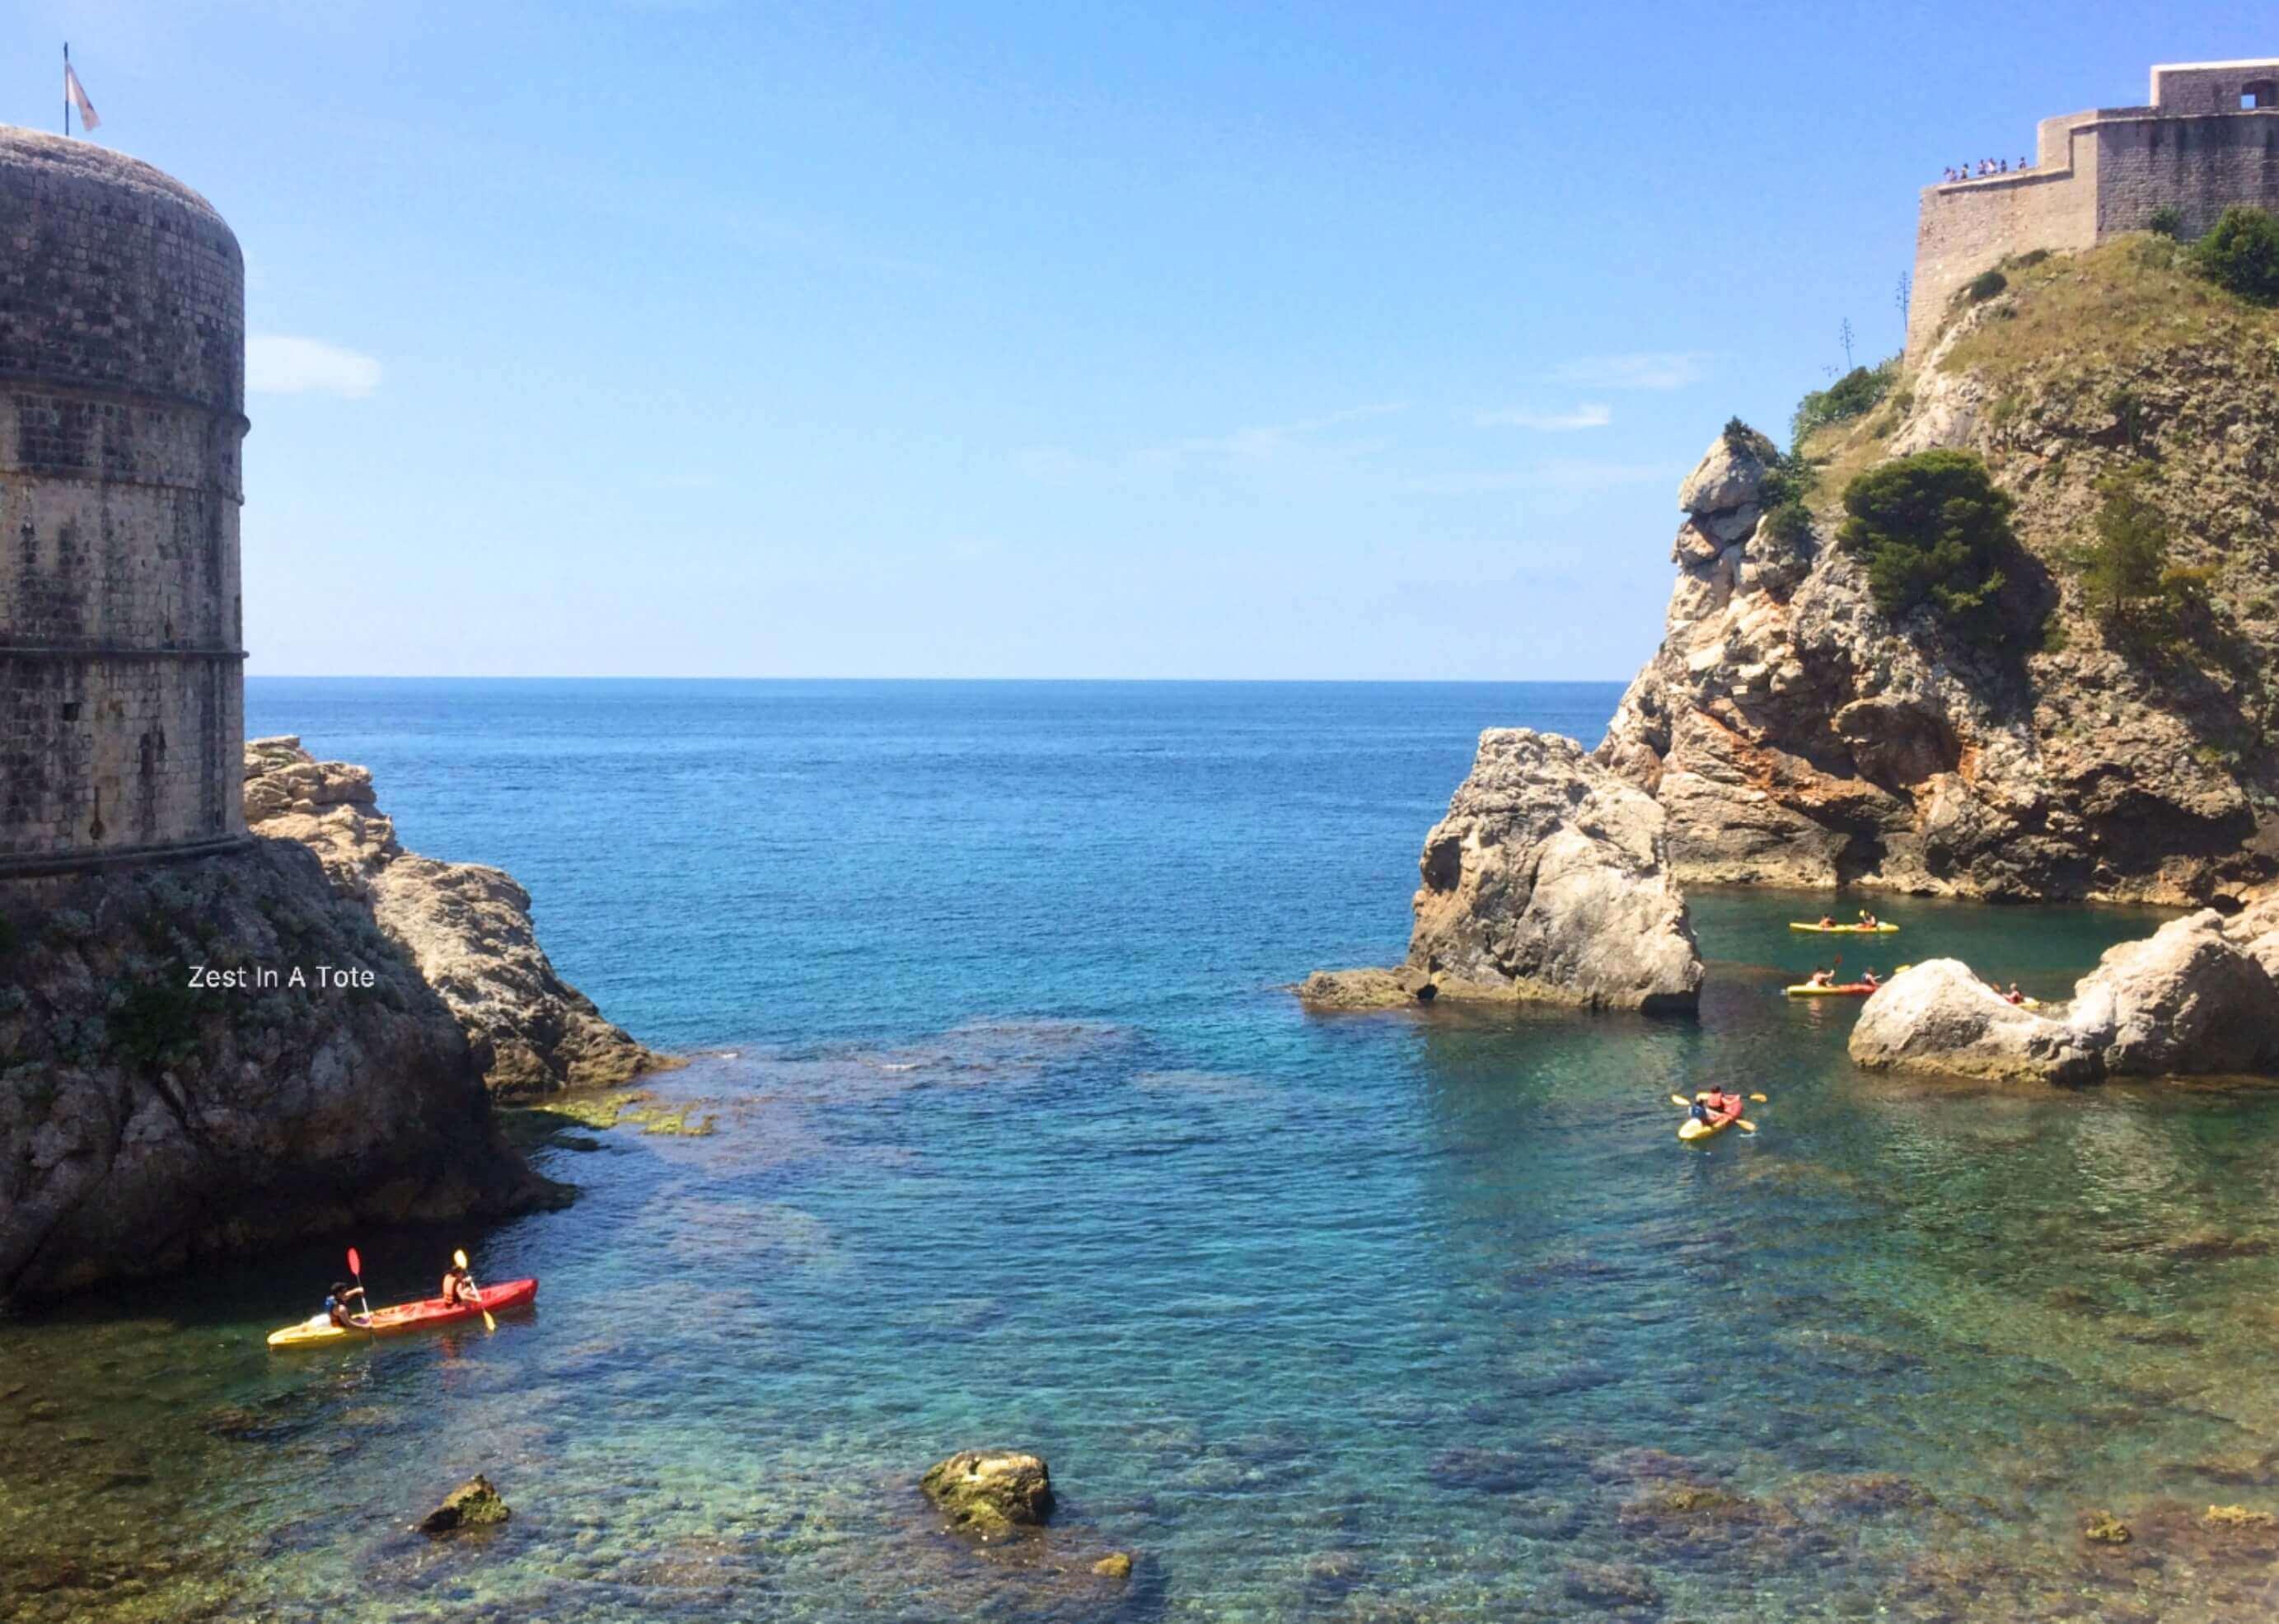 Kayaking in the Adriatic Sea, Dubrovnik